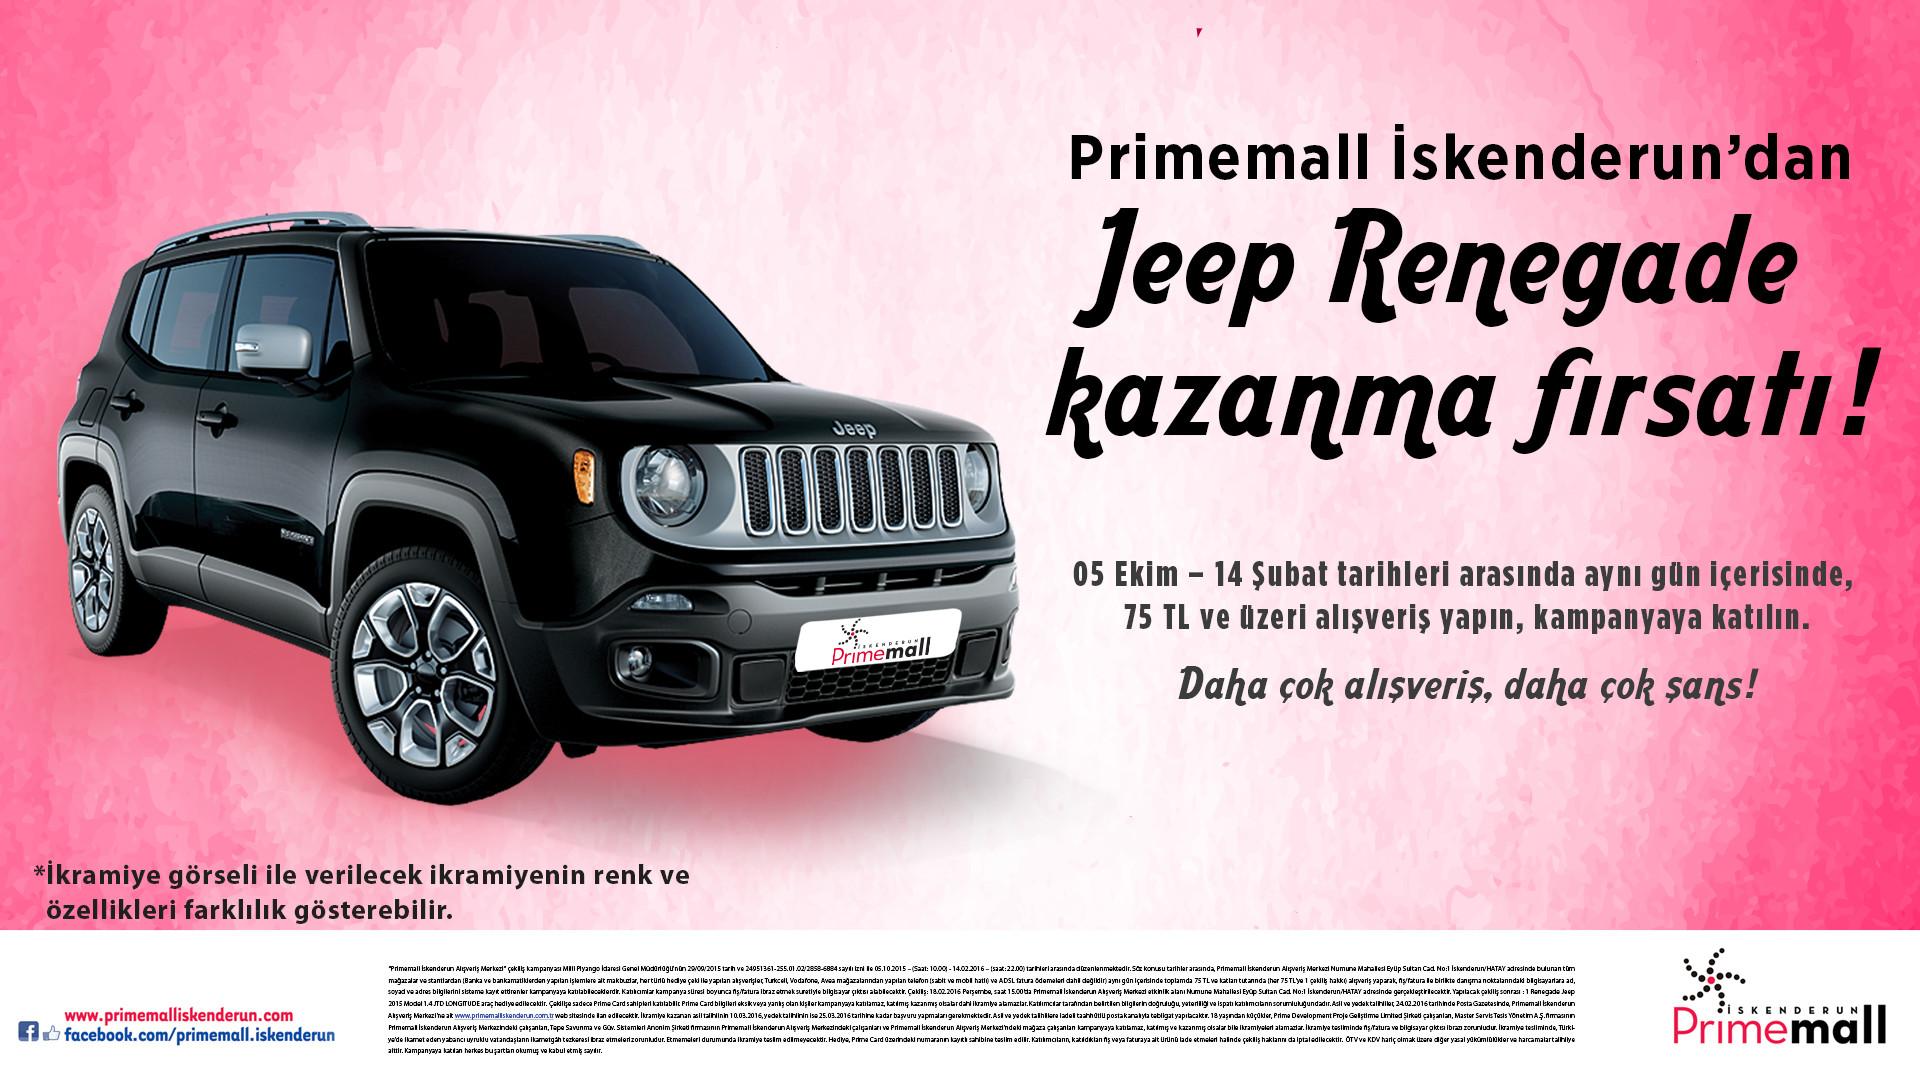 Jeep Renegade Kazanma Fırsatı!